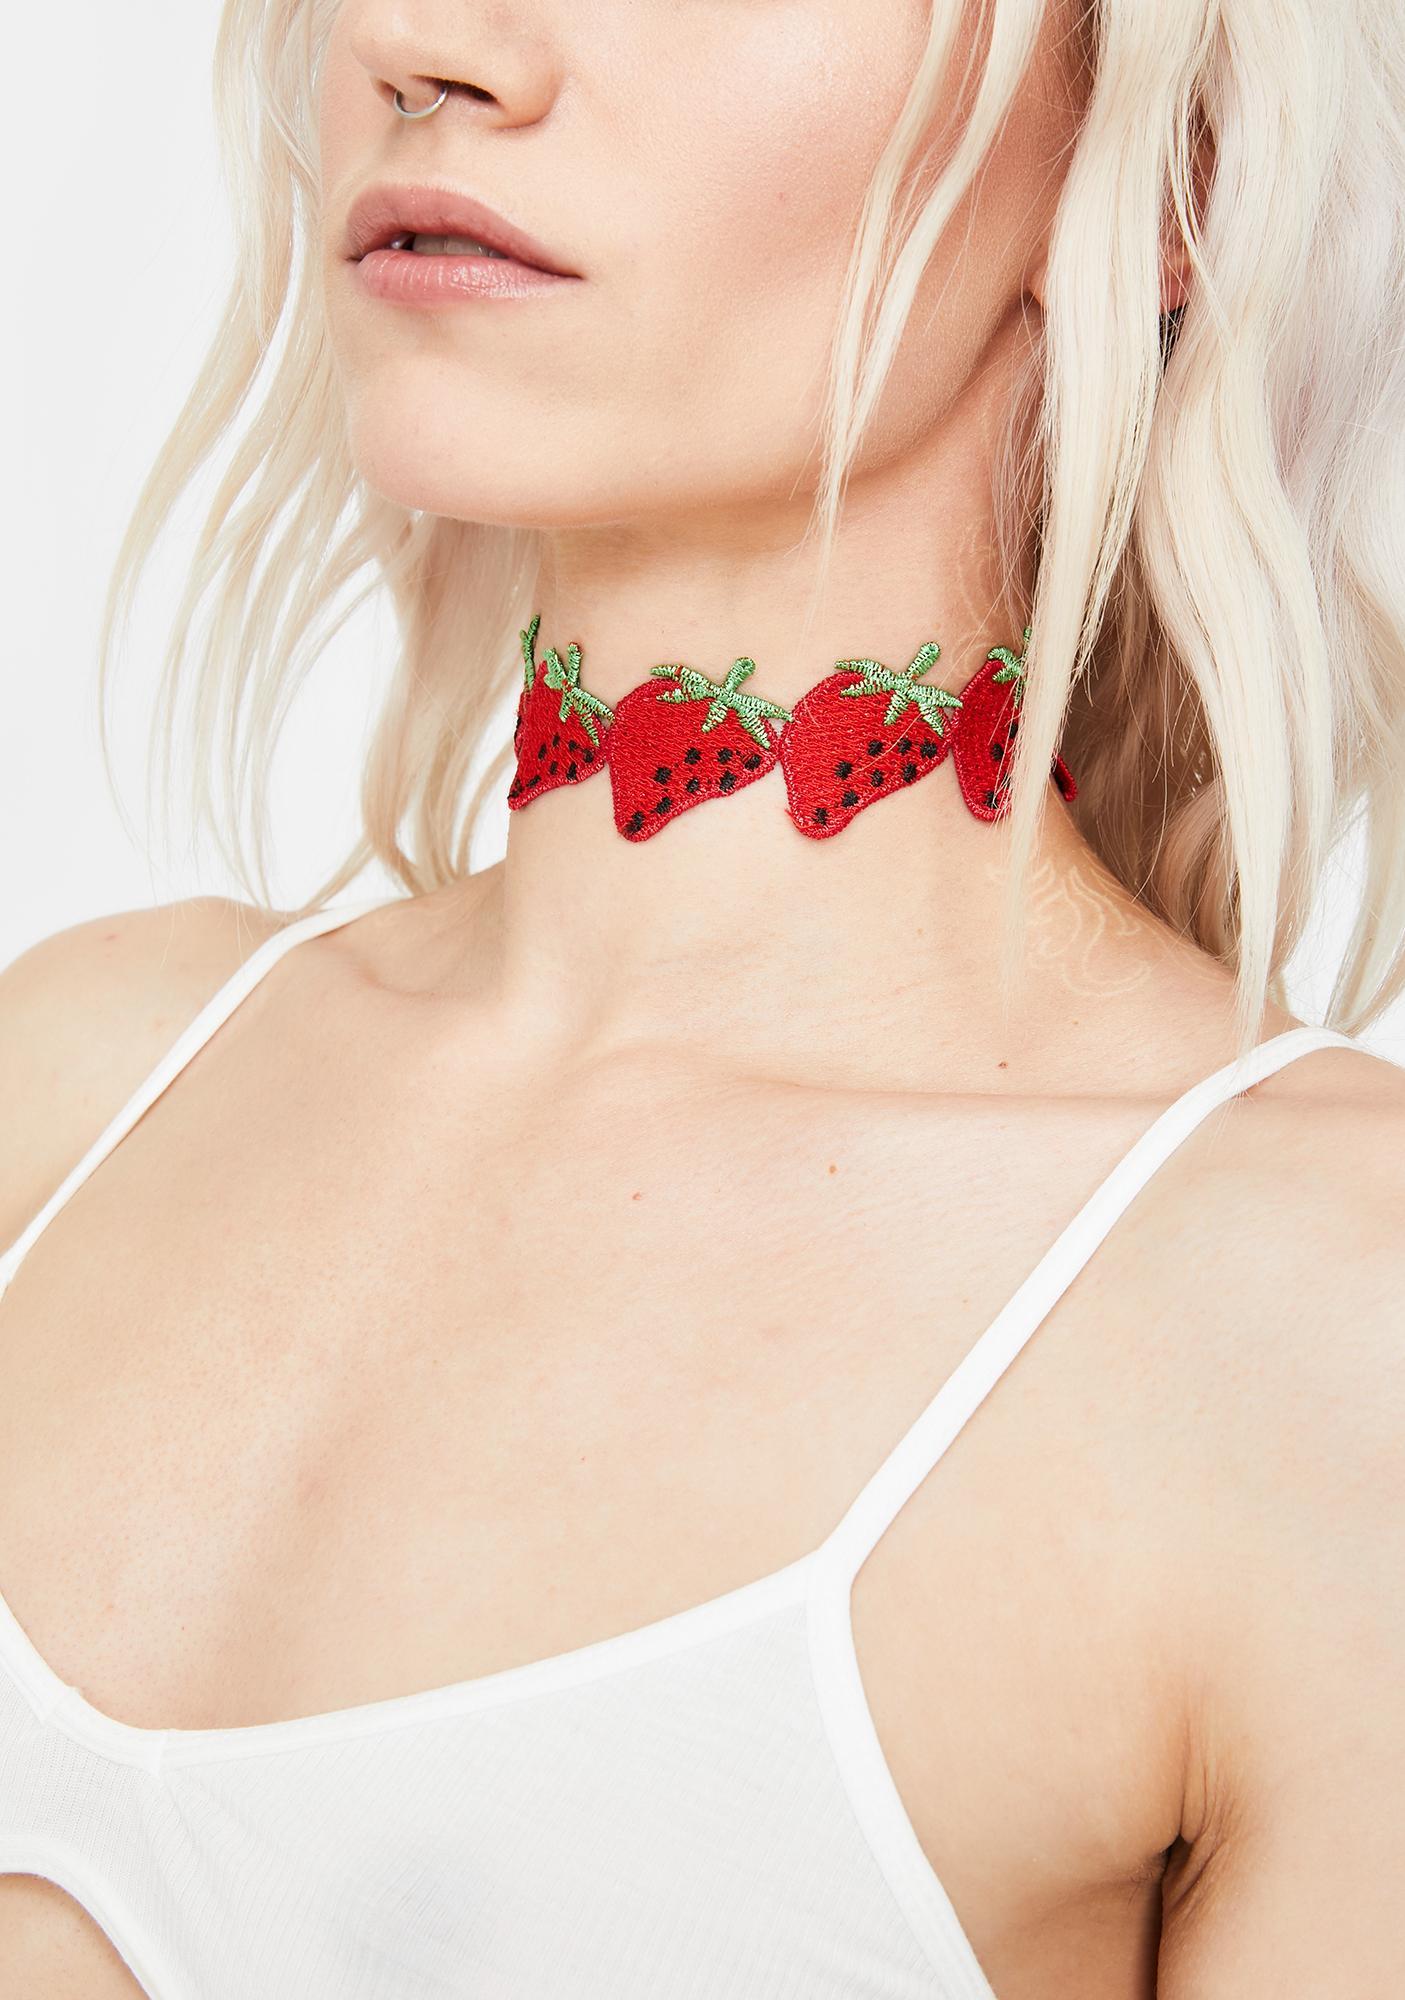 Naturally Sweet Strawberries Choker